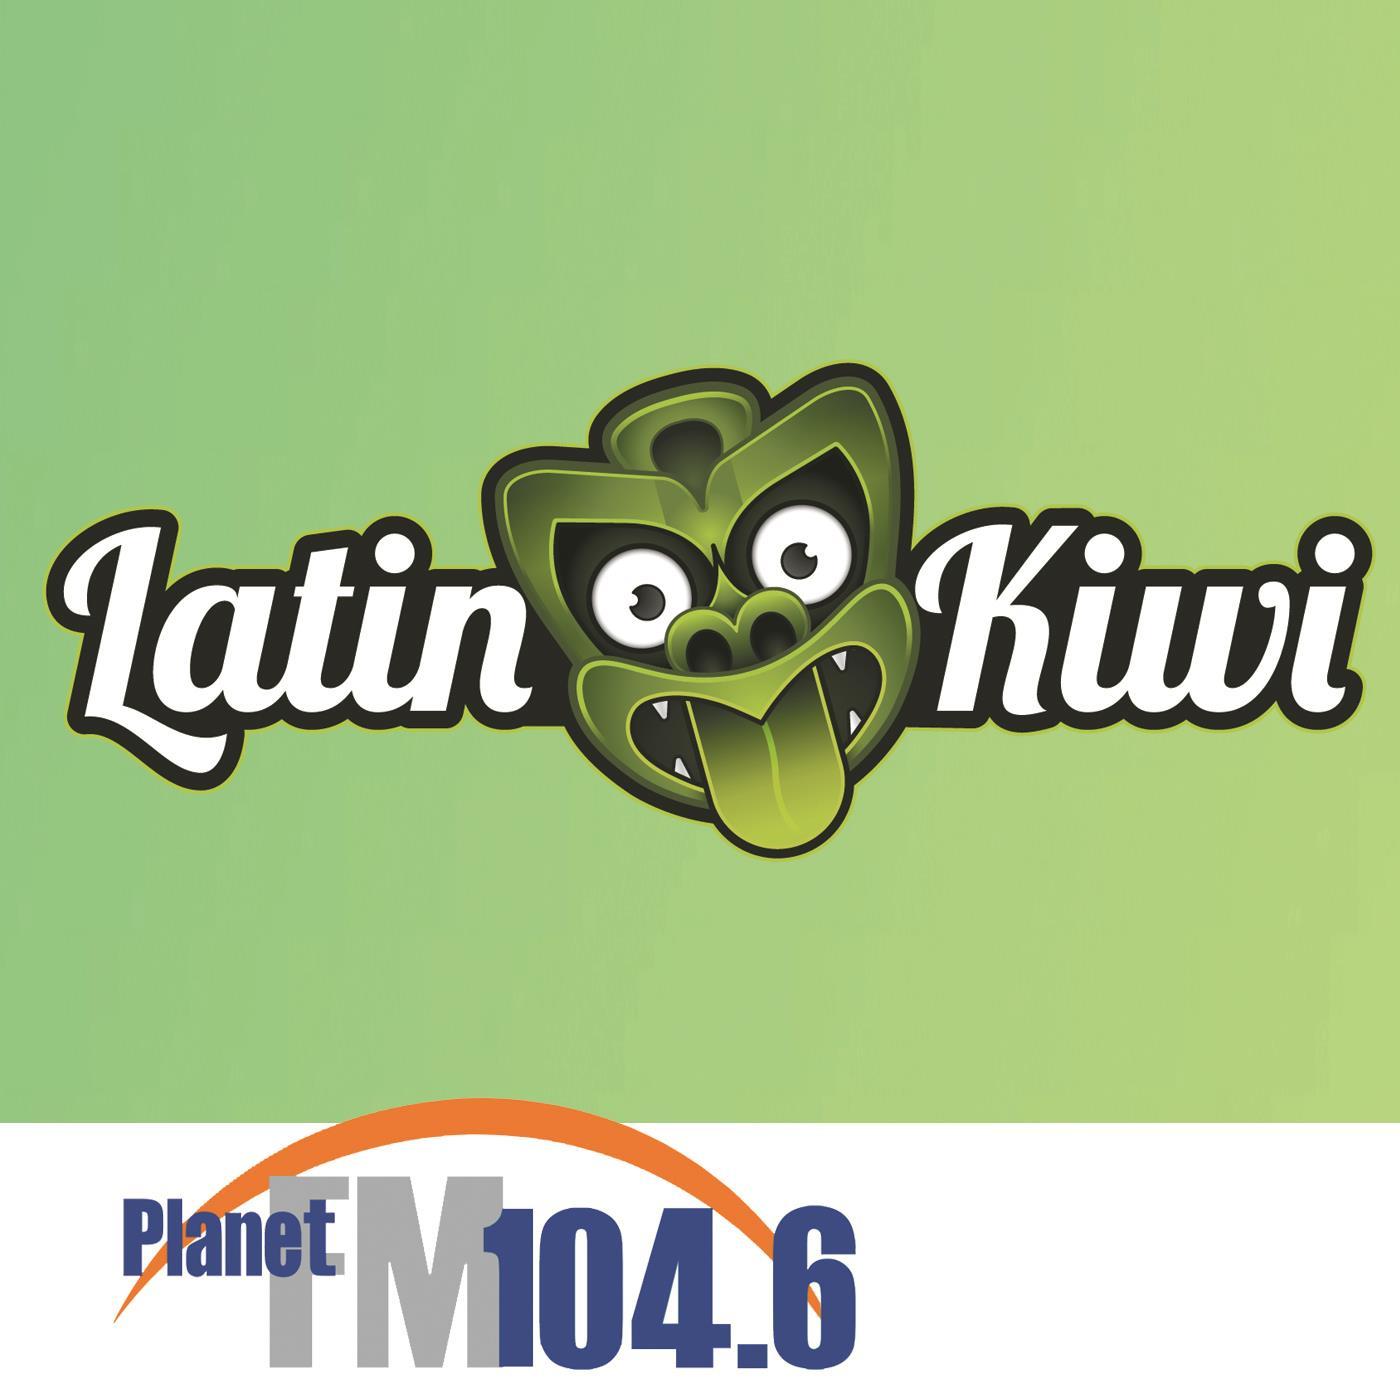 Latin Kiwi 21-09-2020